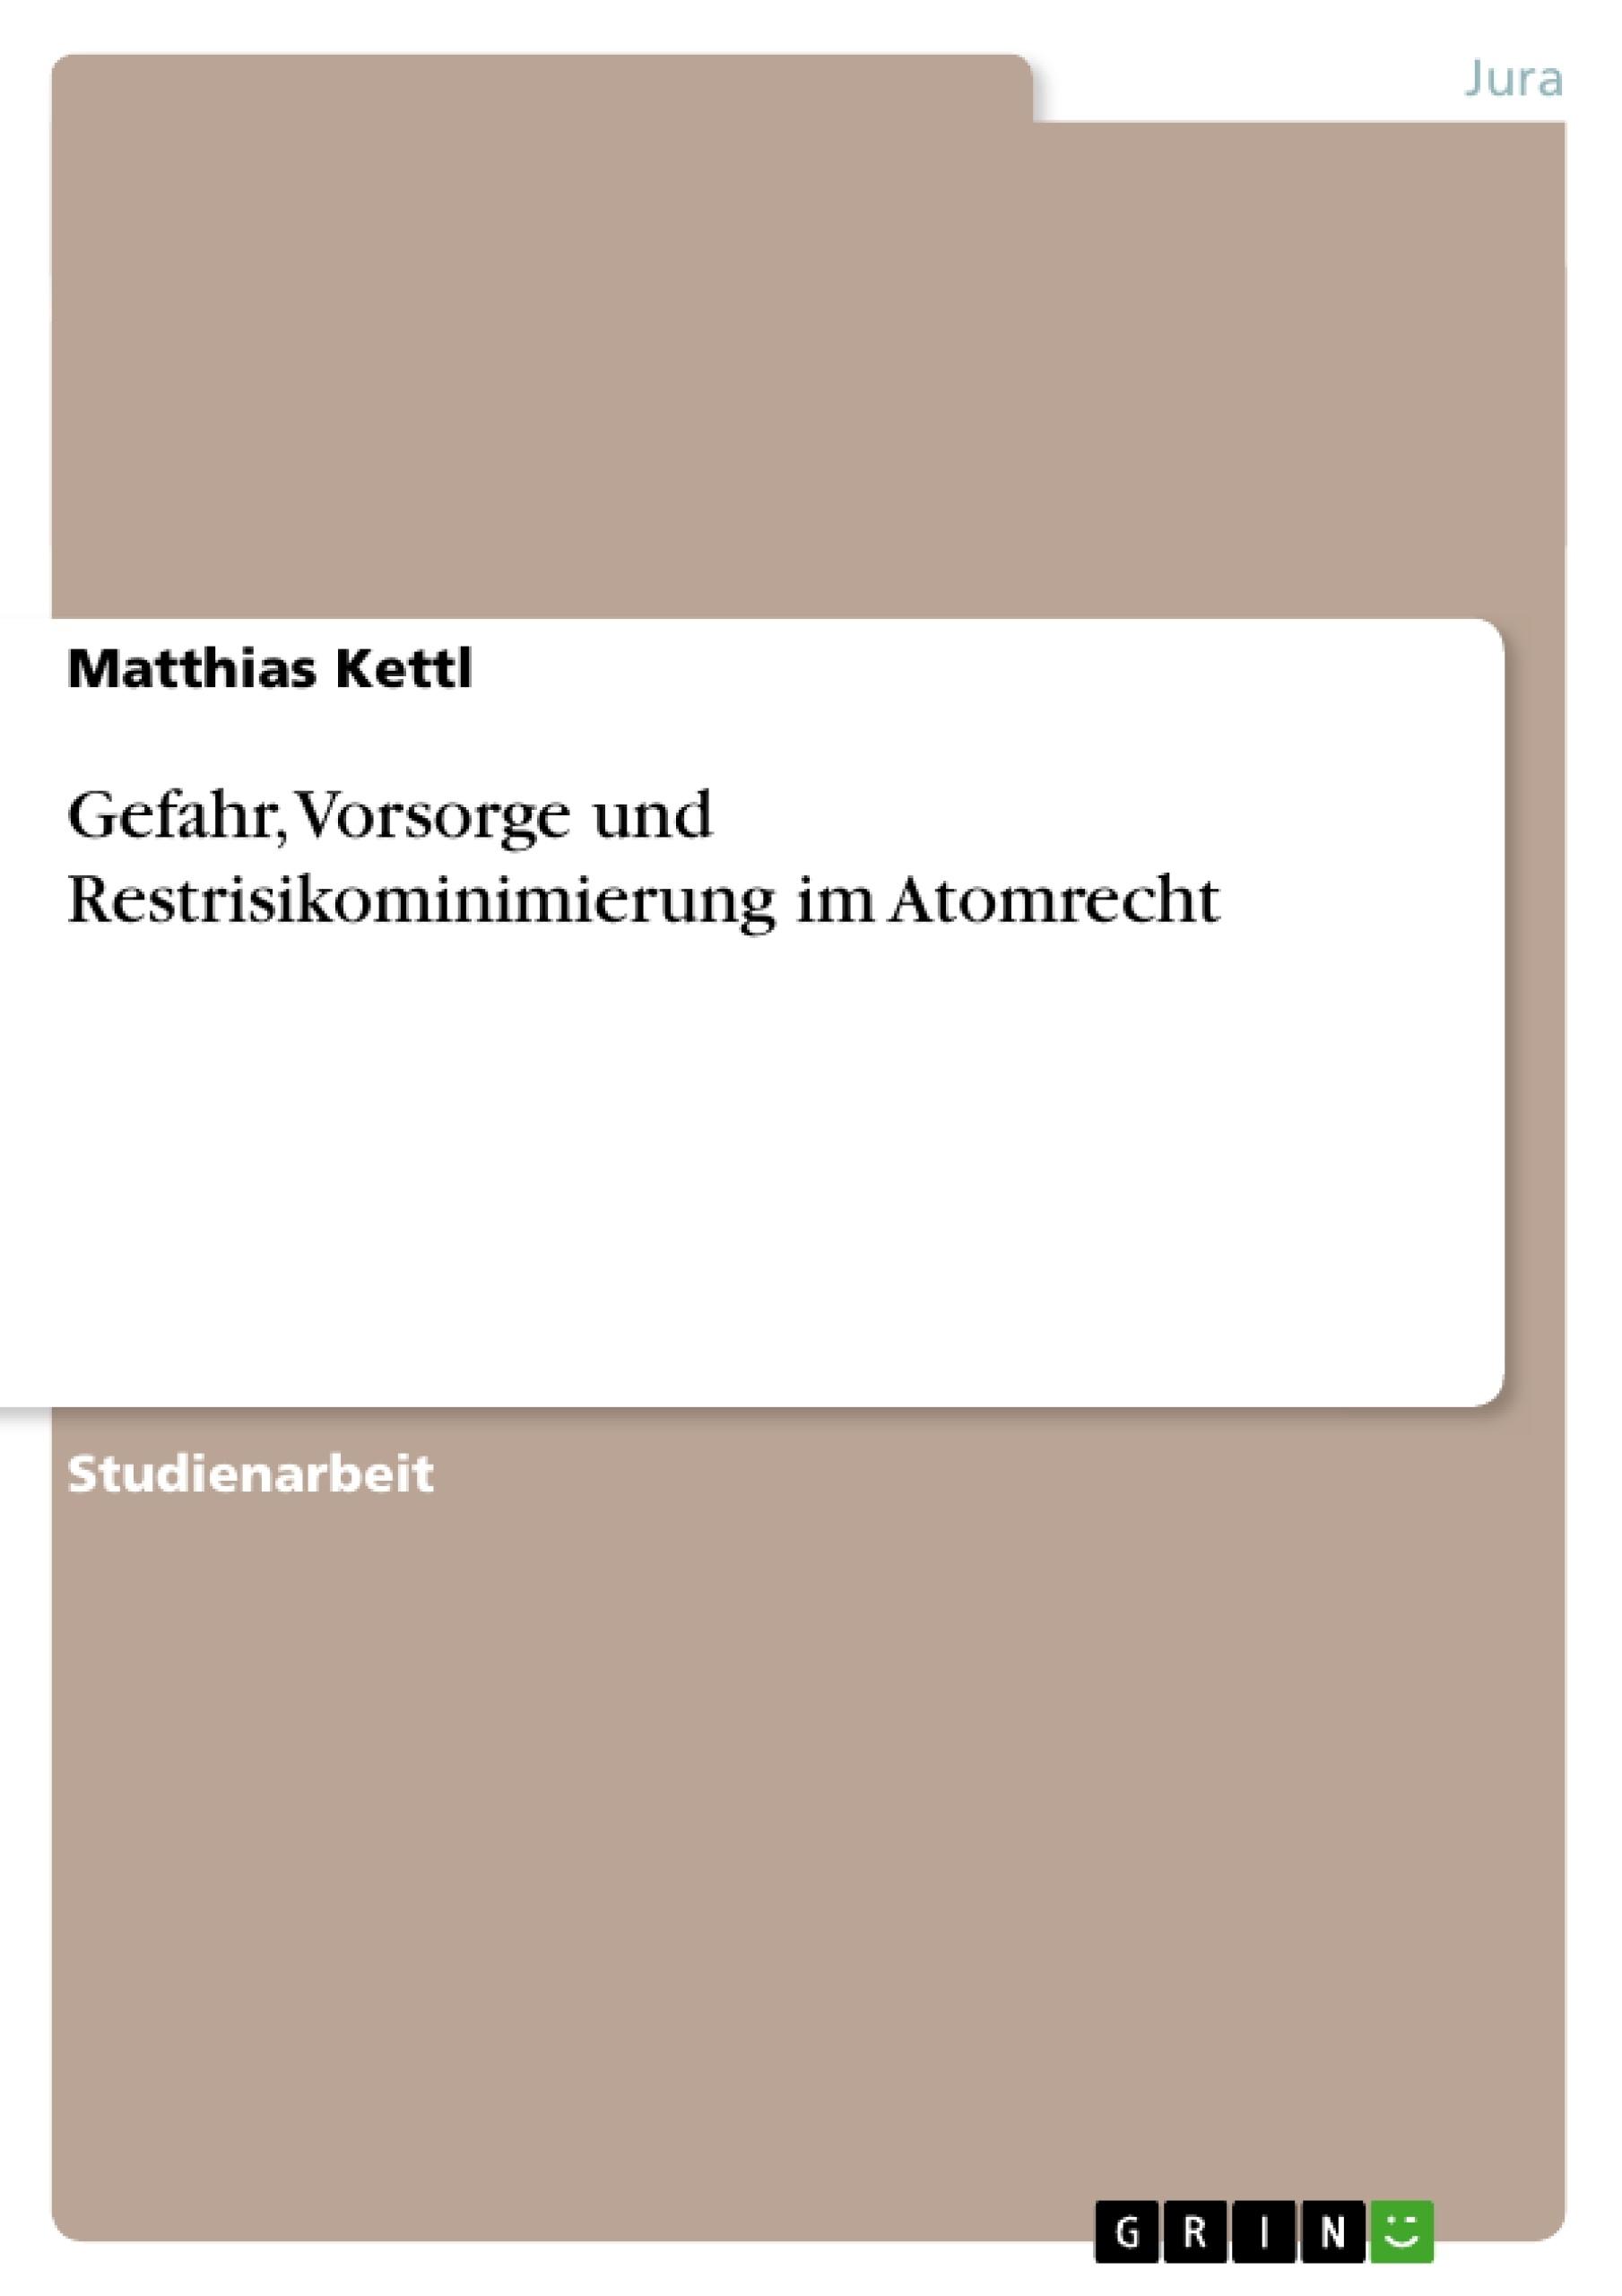 Titel: Gefahr, Vorsorge und Restrisikominimierung im Atomrecht